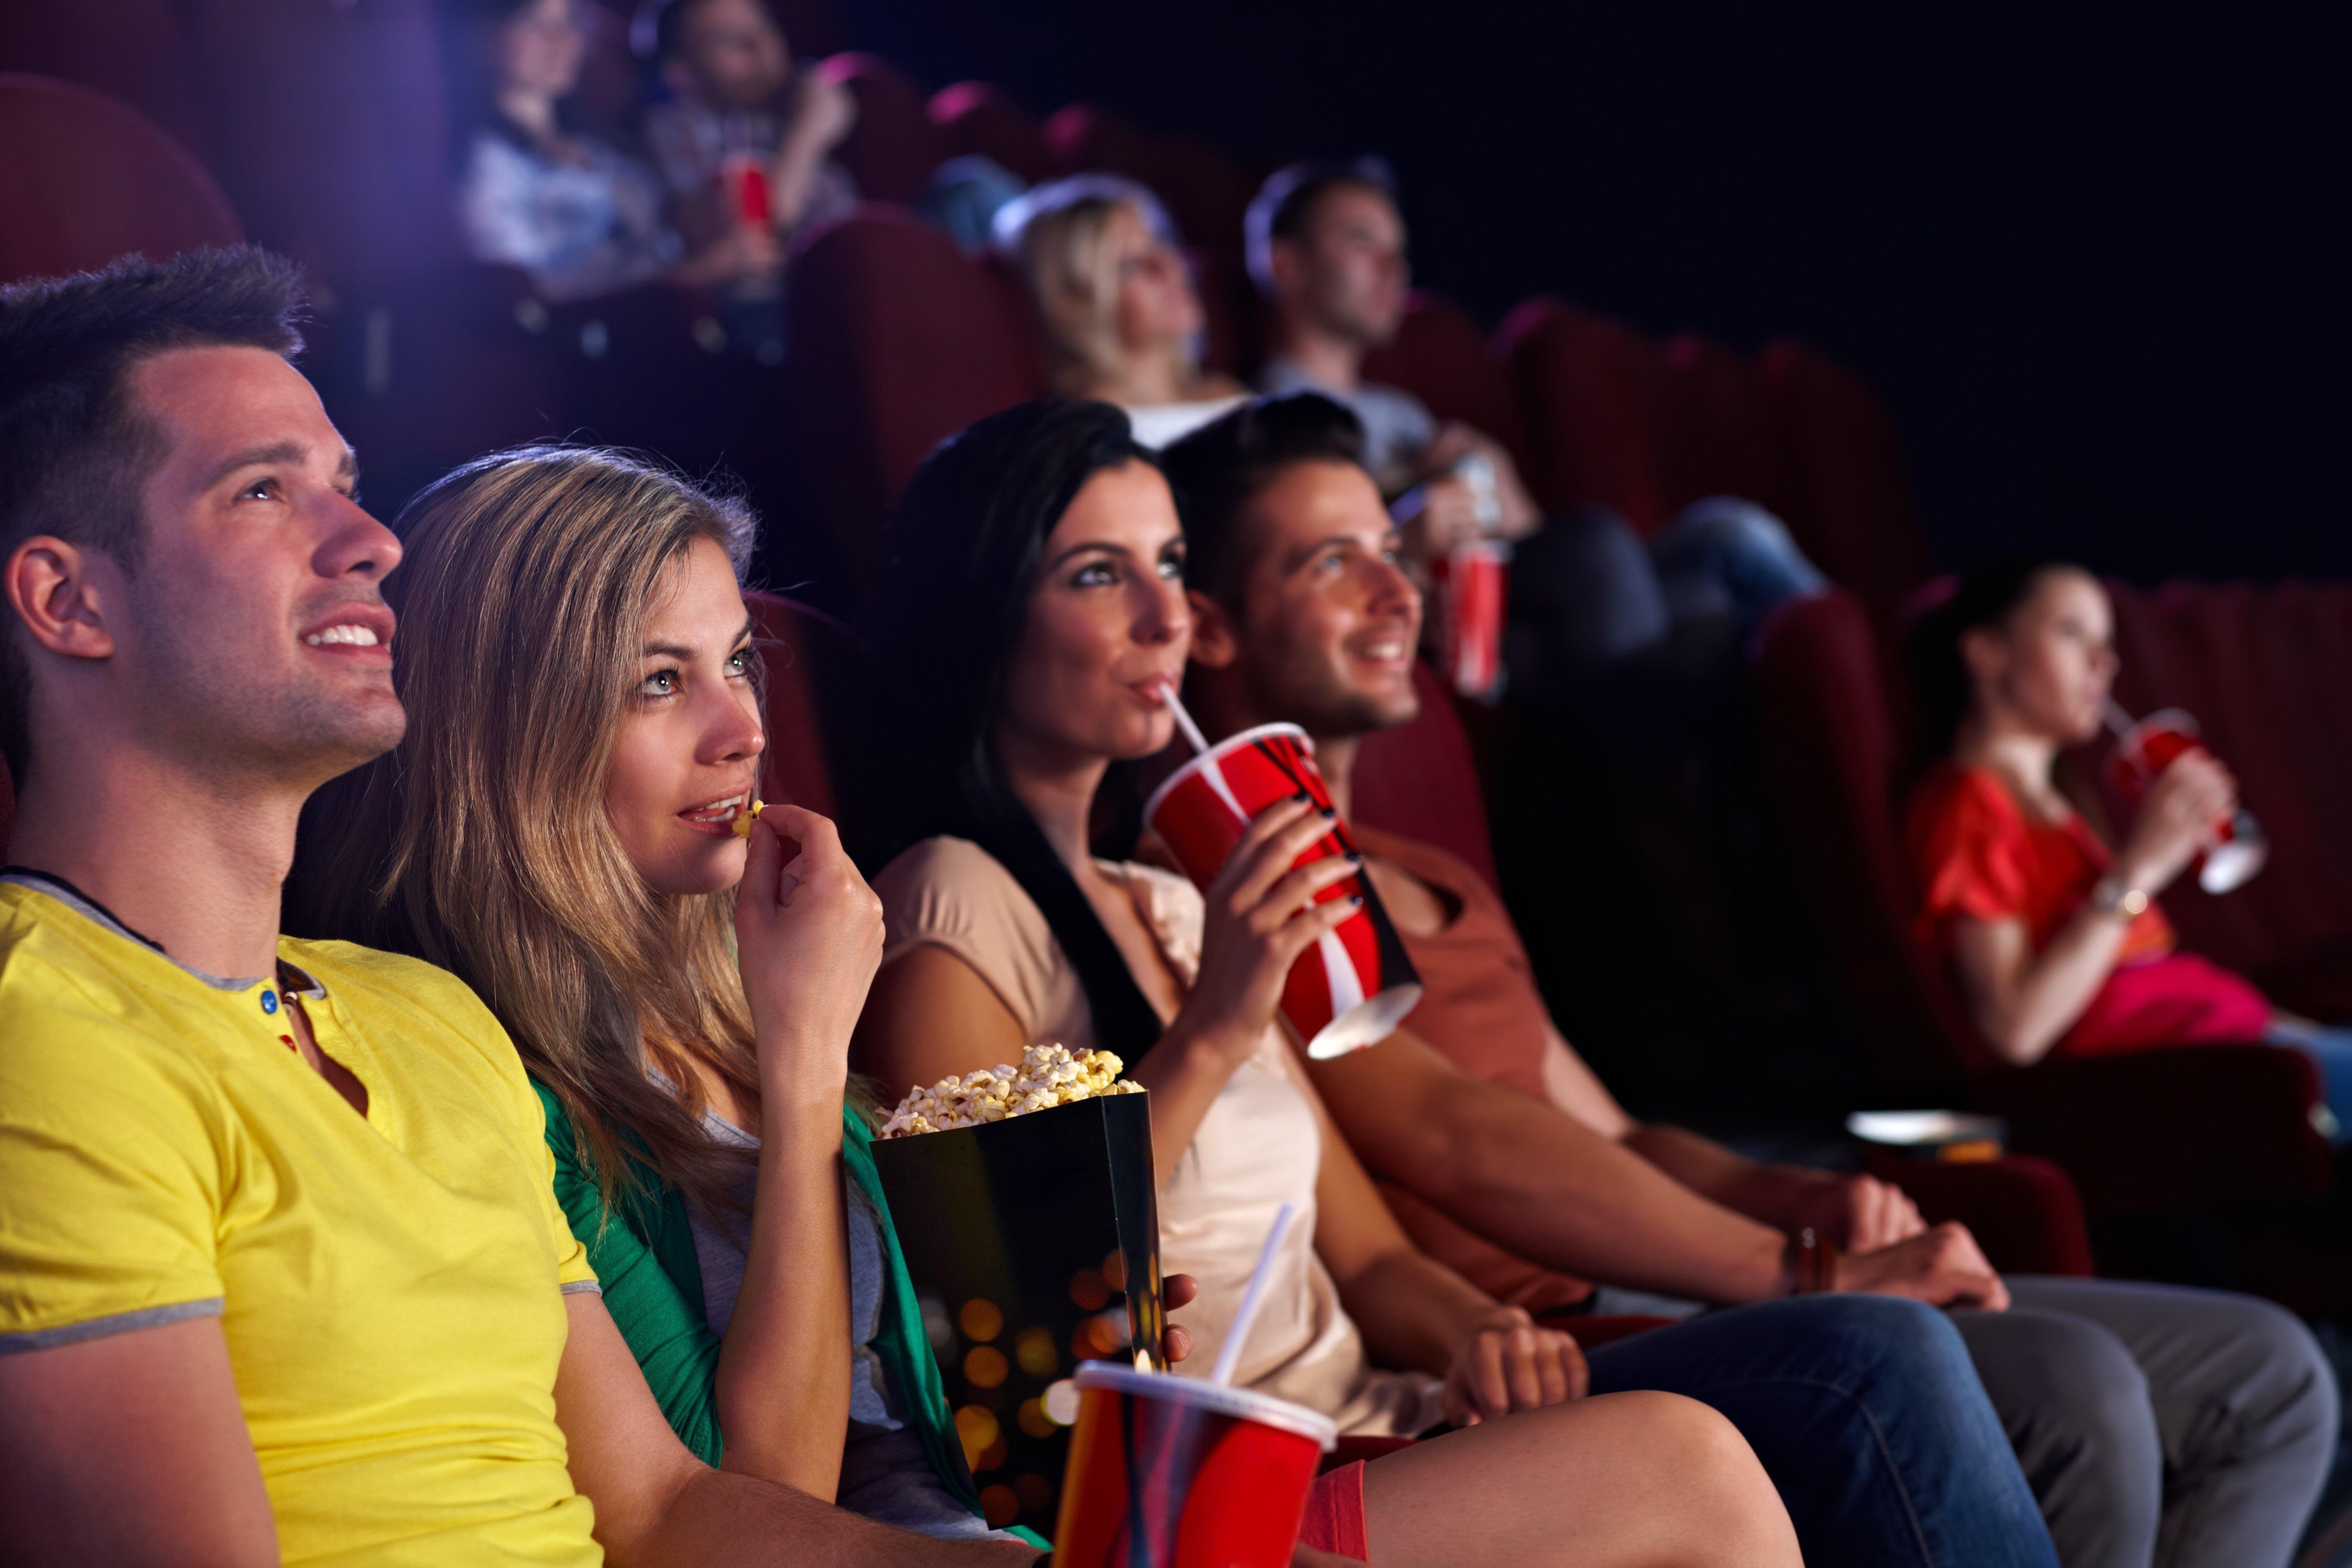 Filmy jsou předmětem diskuzí a sporů!